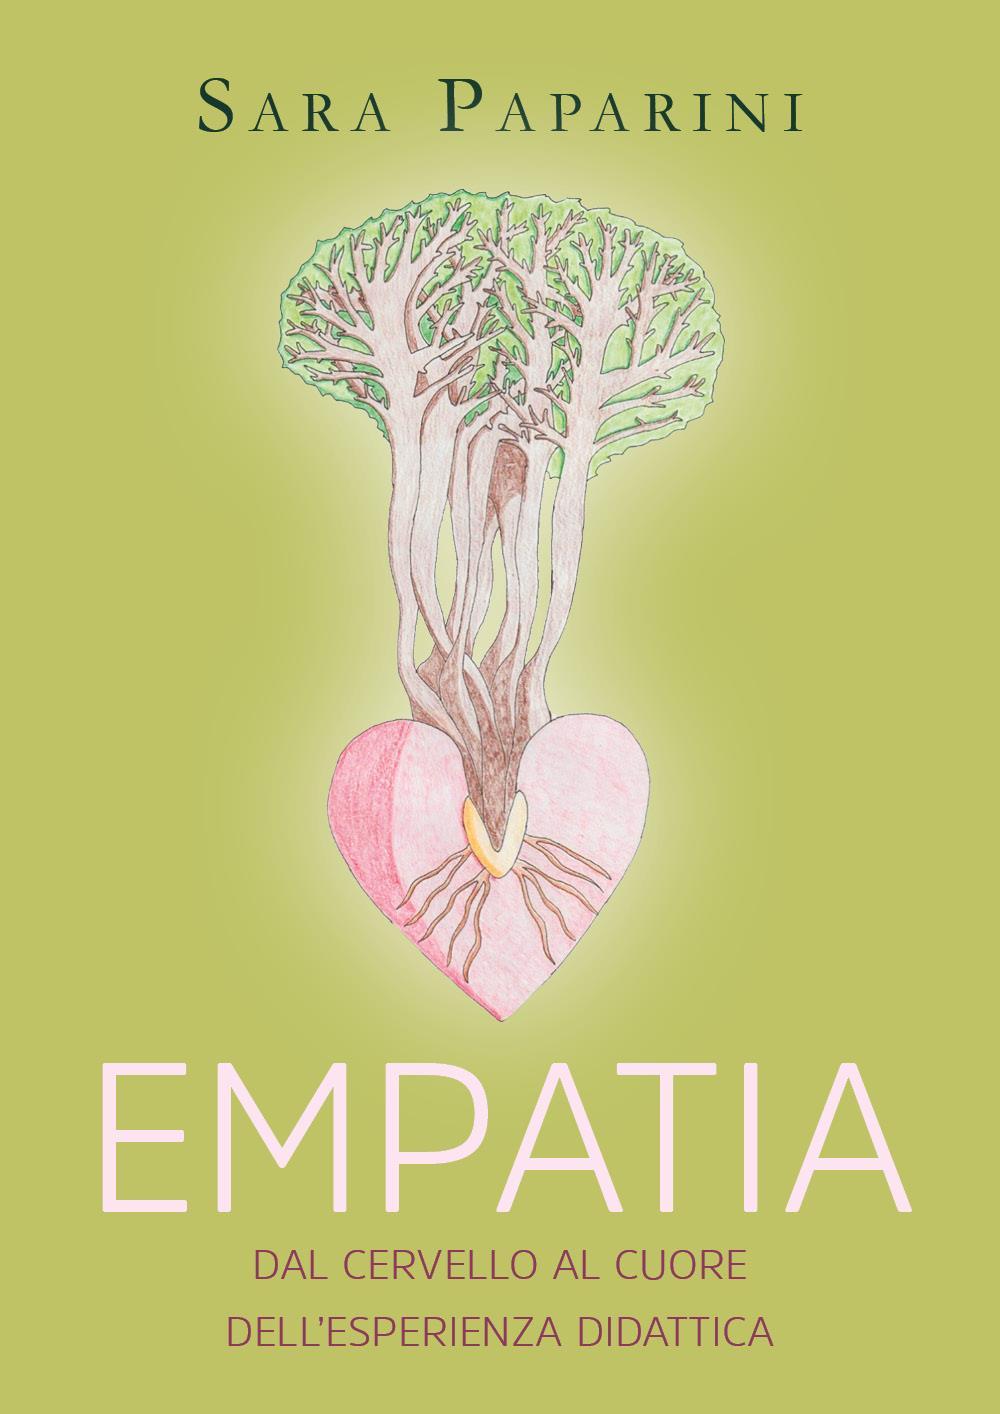 Empatia, dal cervello al cuore dell'esperienza didattica